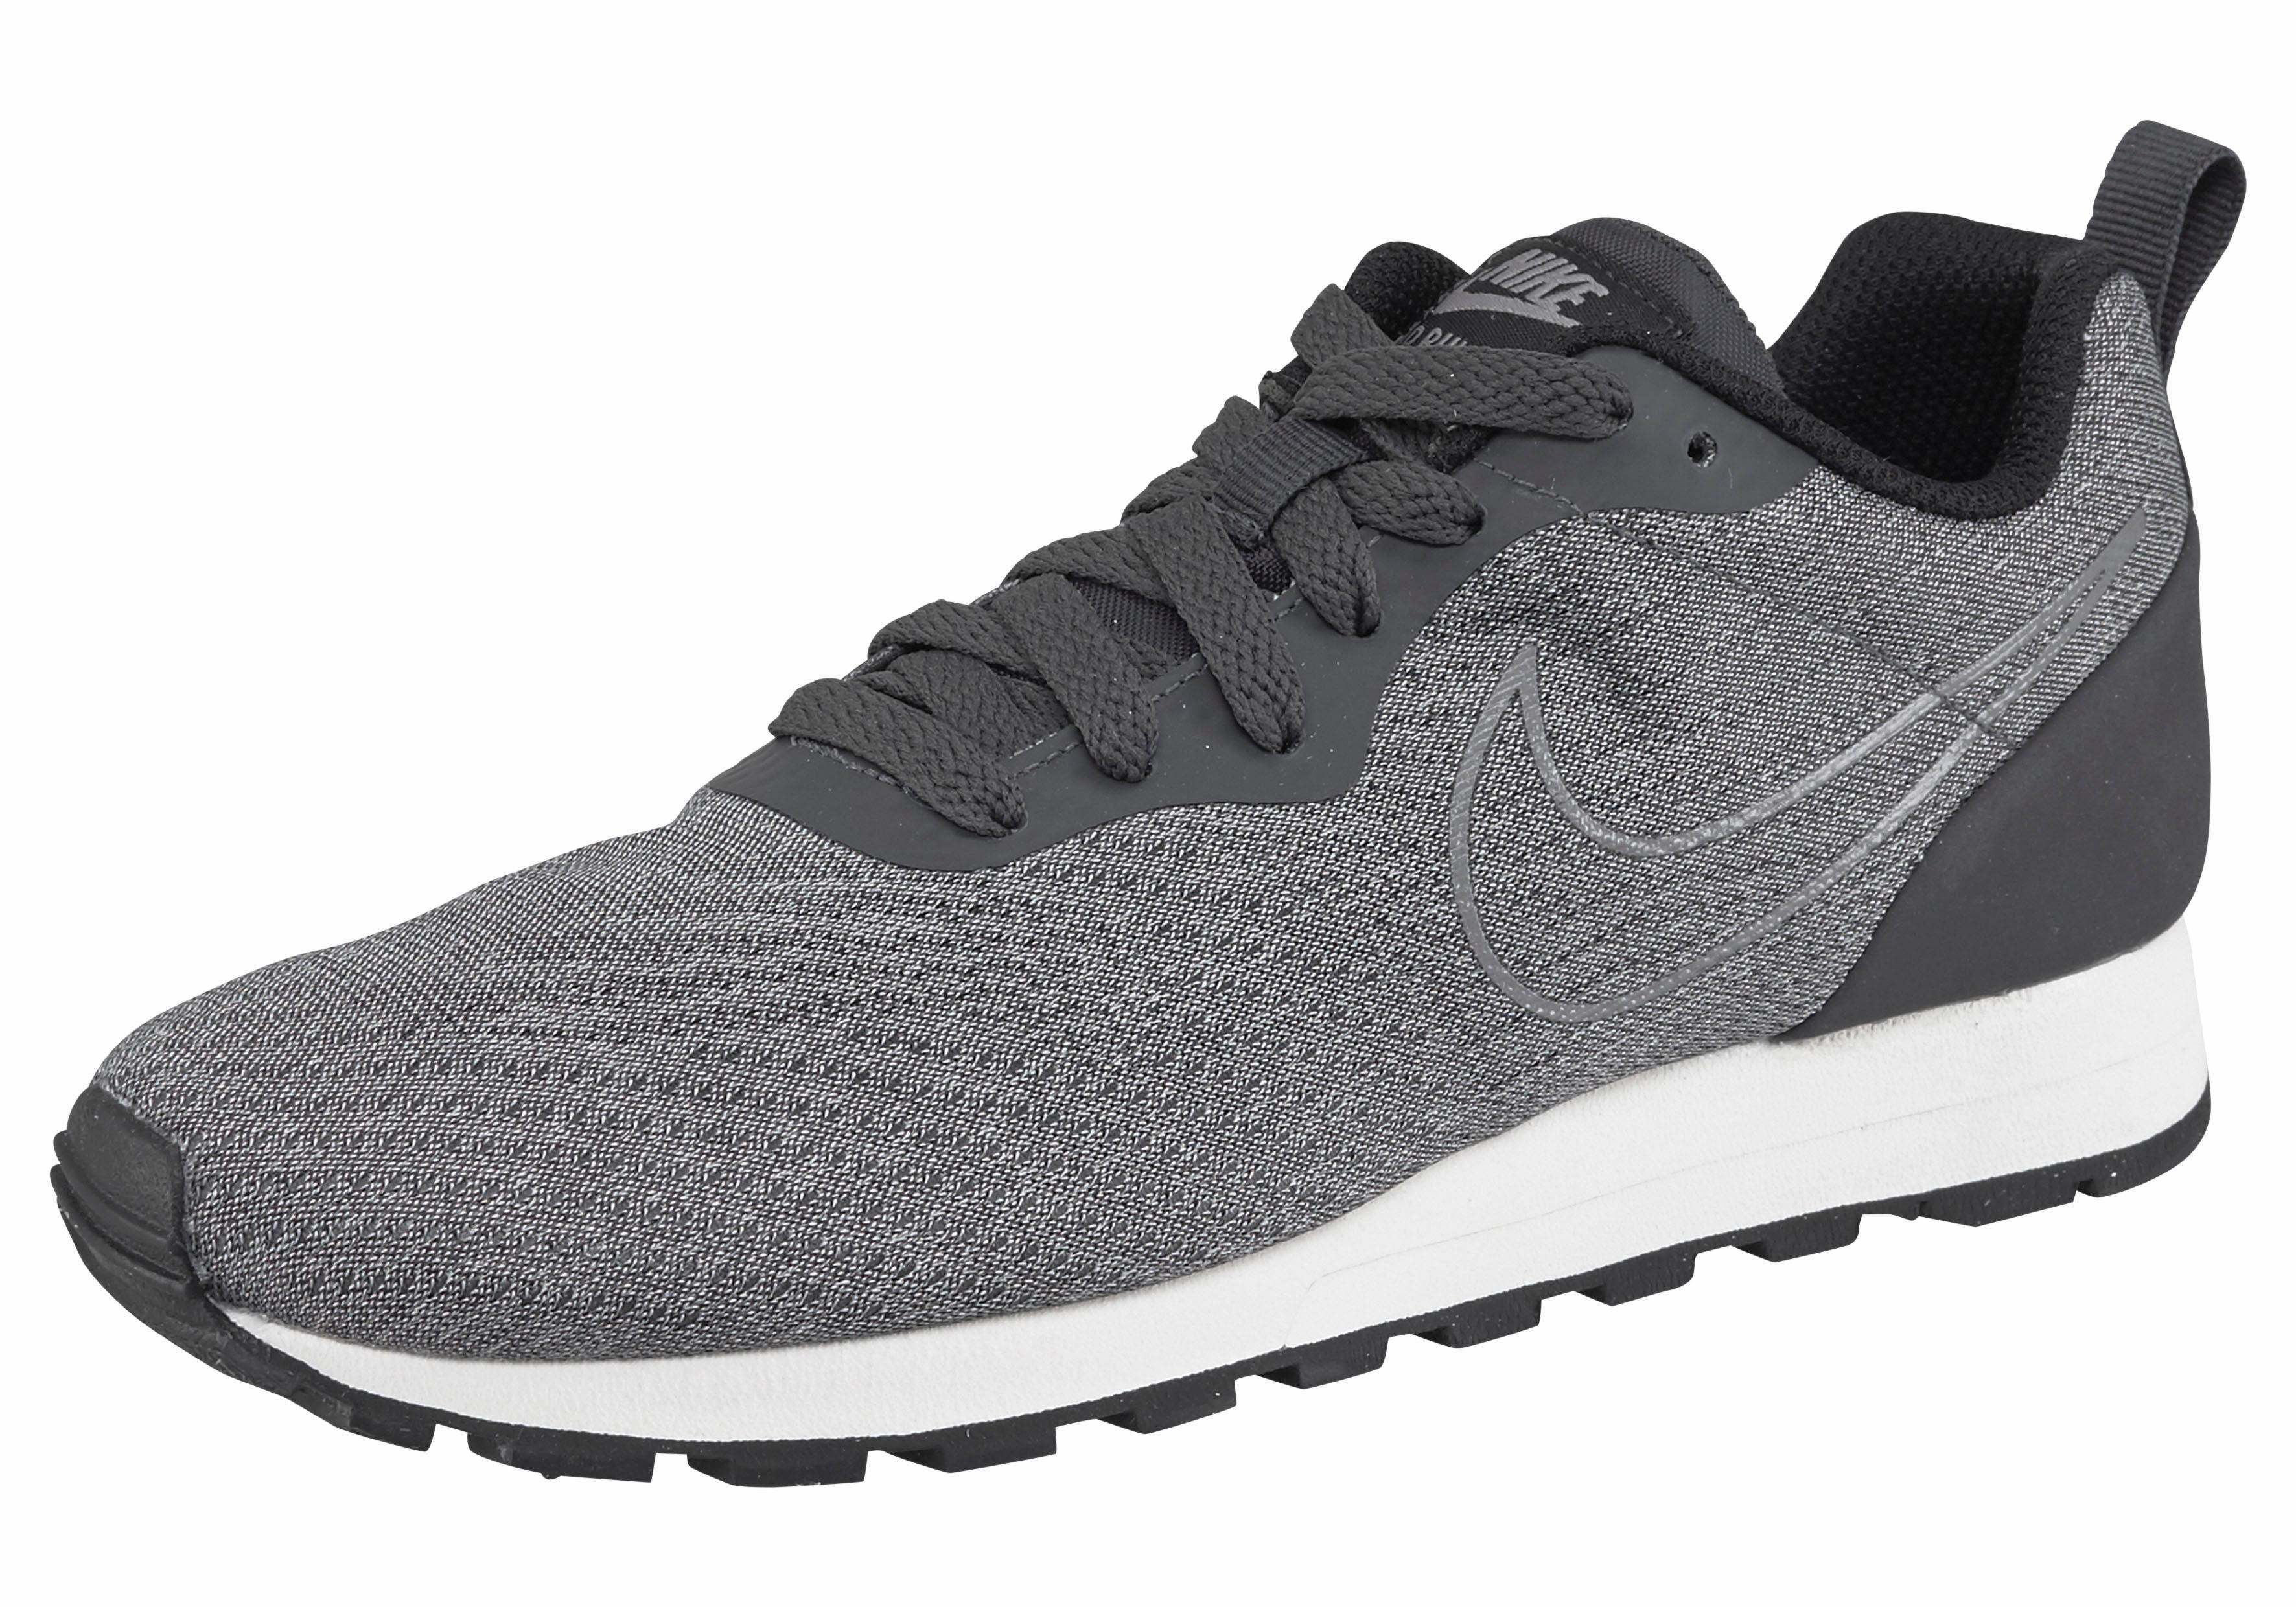 Chaussures De Sport Nike Zwarte Md Runner 2 Eng Wmns De Maille TkMBXR40Og